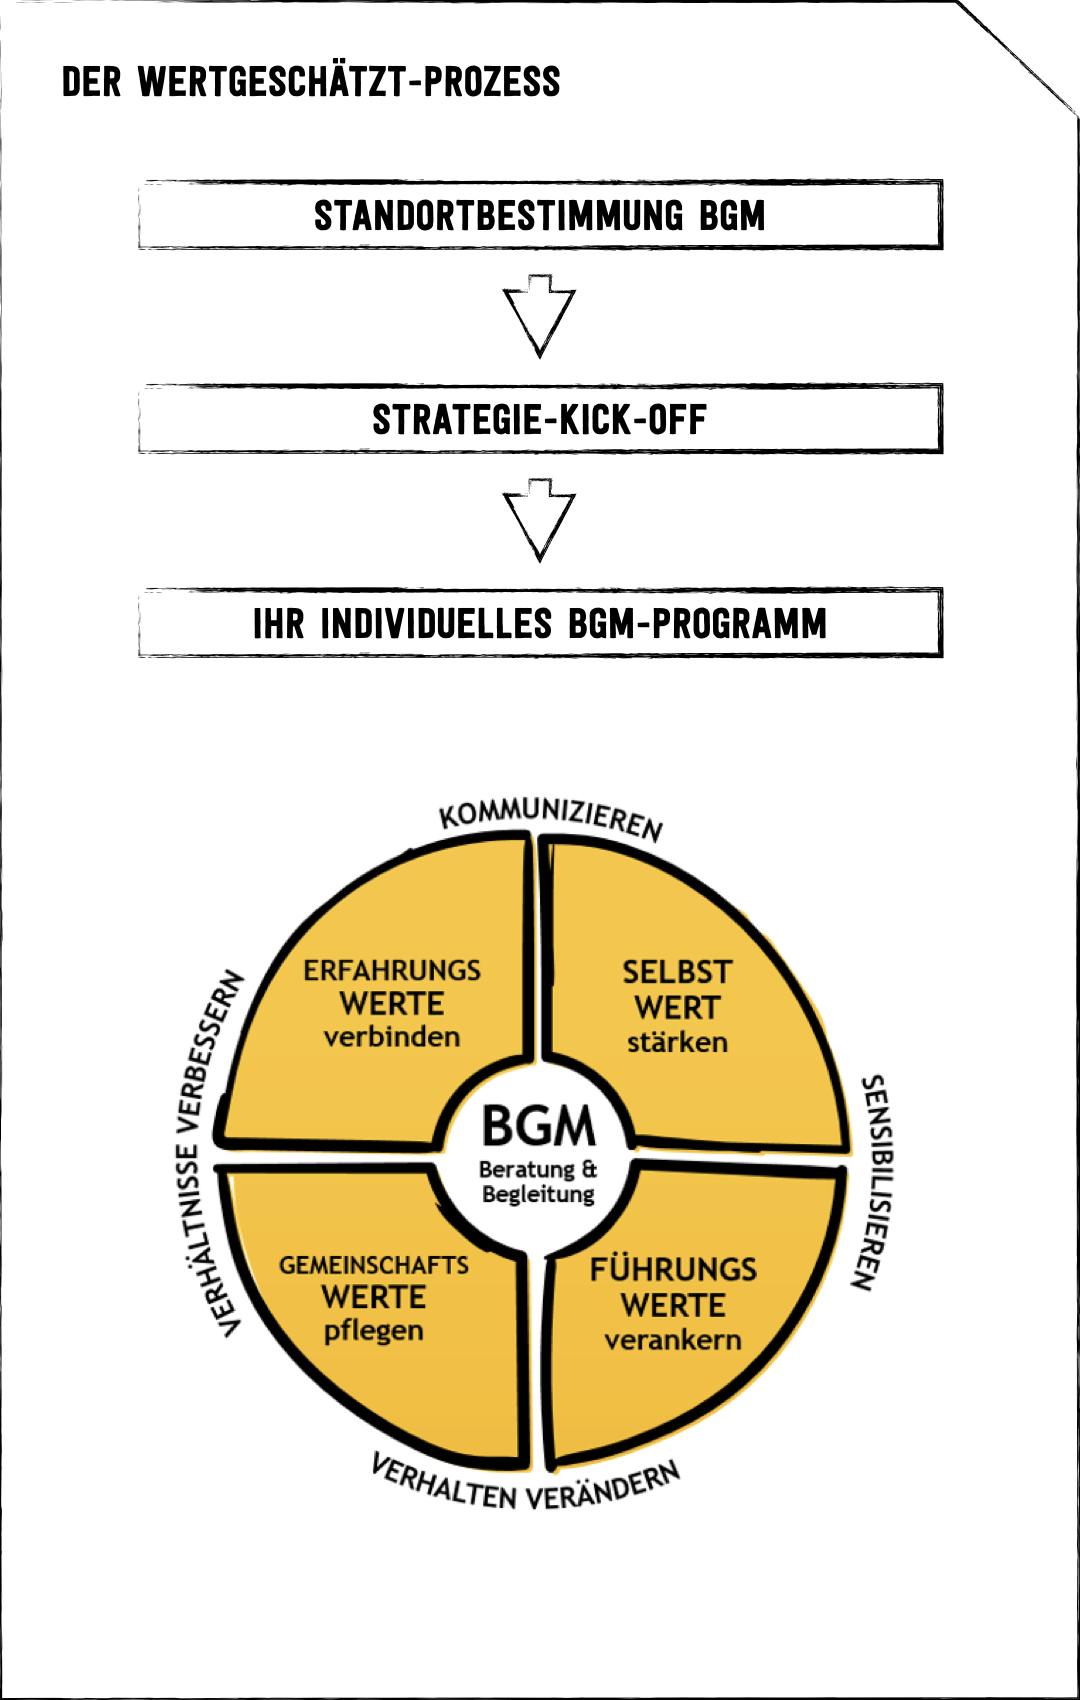 Der WERTGESCHÄTZT Prozess Erstens. Standortbestimmung. Pfeil zeigt nach unten. Zweitens. Strategie-Kick-off. Pfeil zeigt nach unten. Drittens. Wählen Sie Ihr individuelles Programm. Gelber runder Kreis mit vier Feldern. Feld eins. Erfahrungswerte verbinden. Feld zwei. Selbstwert stärken. Feld drei. Führungswerte verankern. Feld vier. Gemeinschaftswerte pflegen. Übergeordnetes Feld in der Mitte. BGM Beratung und Begleitung. Um den runden Kreis stehen die Begriffe Kommunizieren, Sensibilisieren, Verhalten verändern und Verhältnisse verbessern.